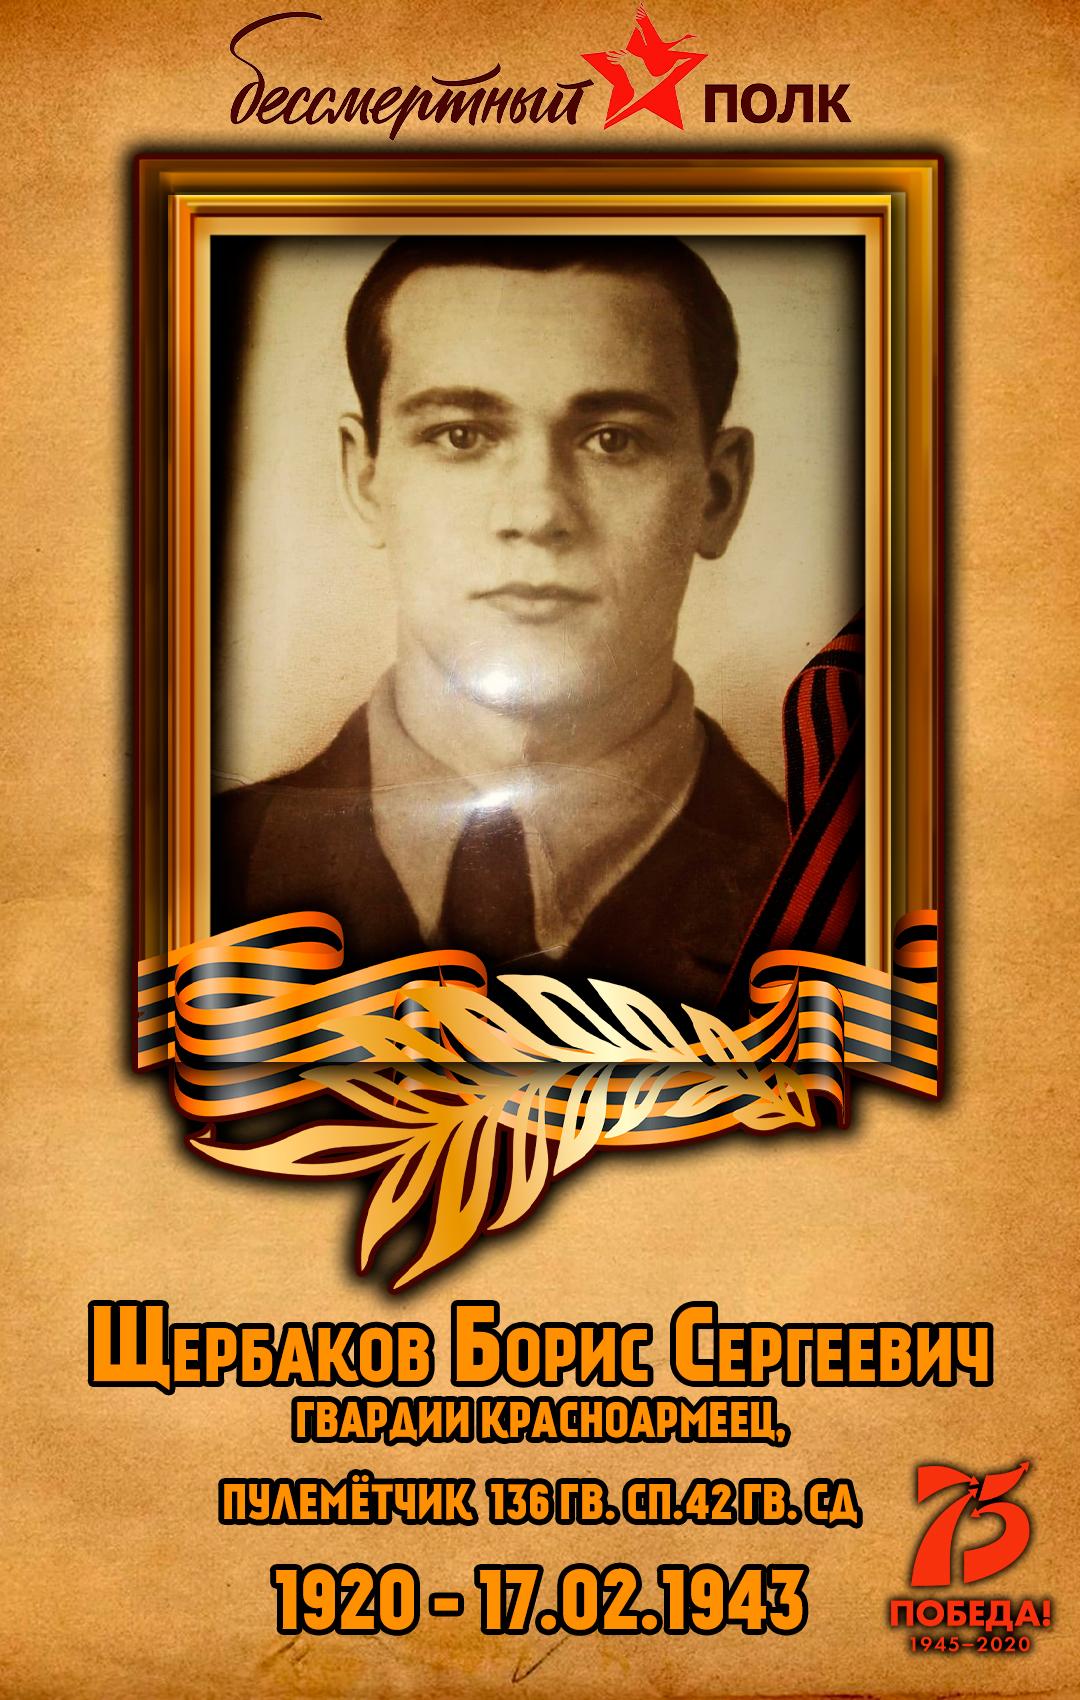 Щербаков-Борис-Сергеевич